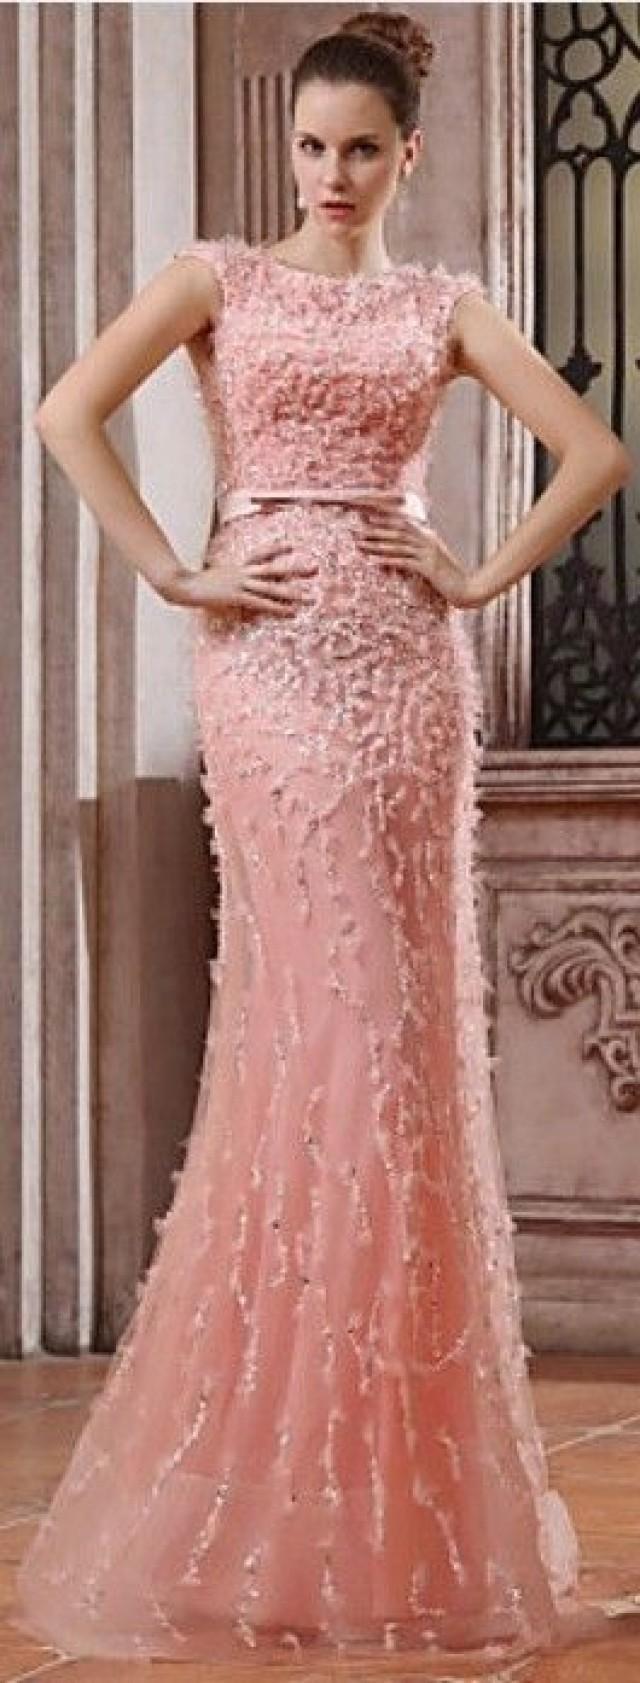 Ungewöhnlich Rosa Kleider Für Die Hochzeit Fotos - Brautkleider ...